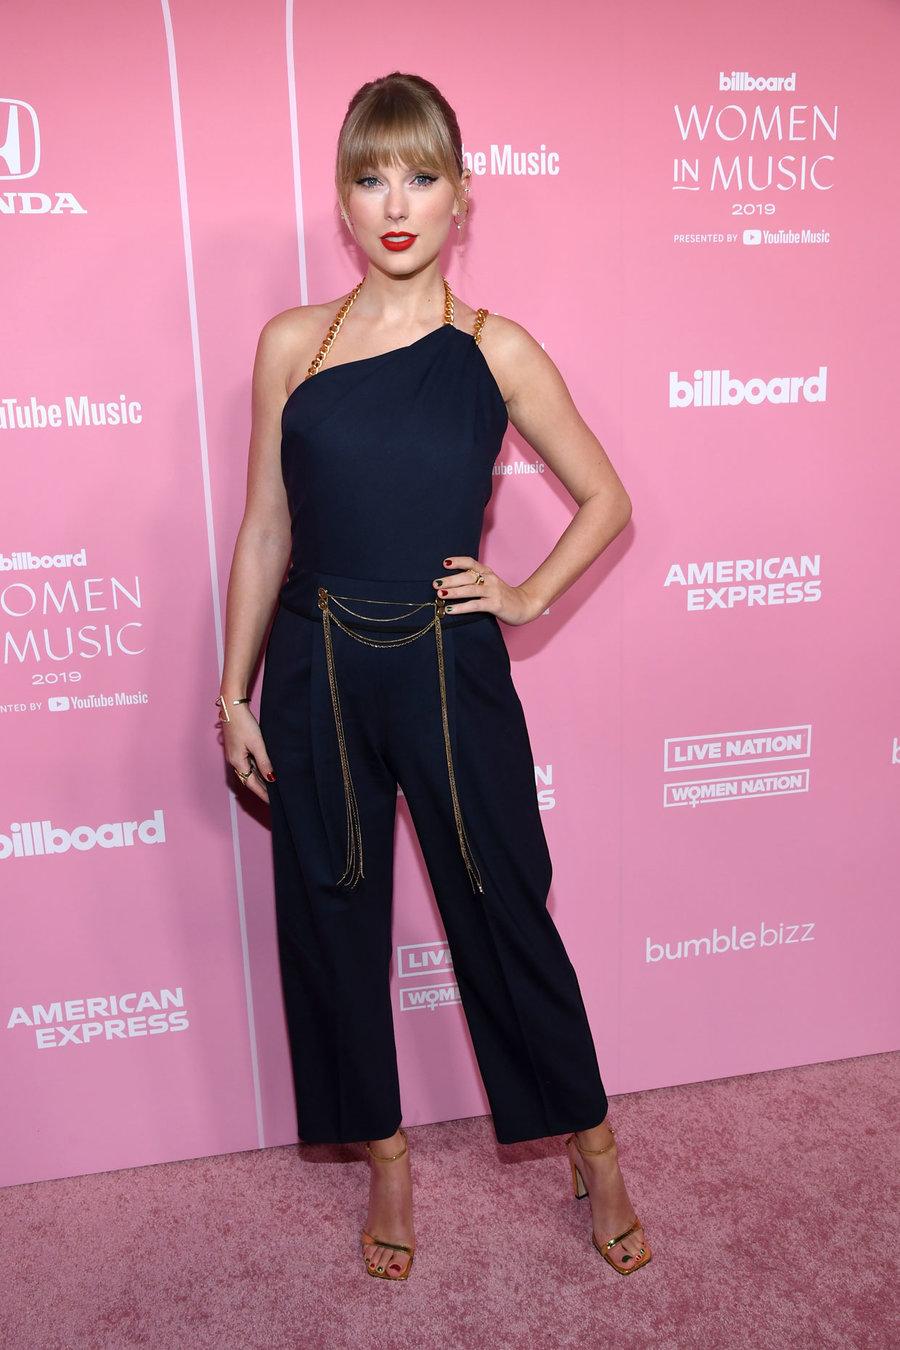 Photo of Billboard Women In Music 2019